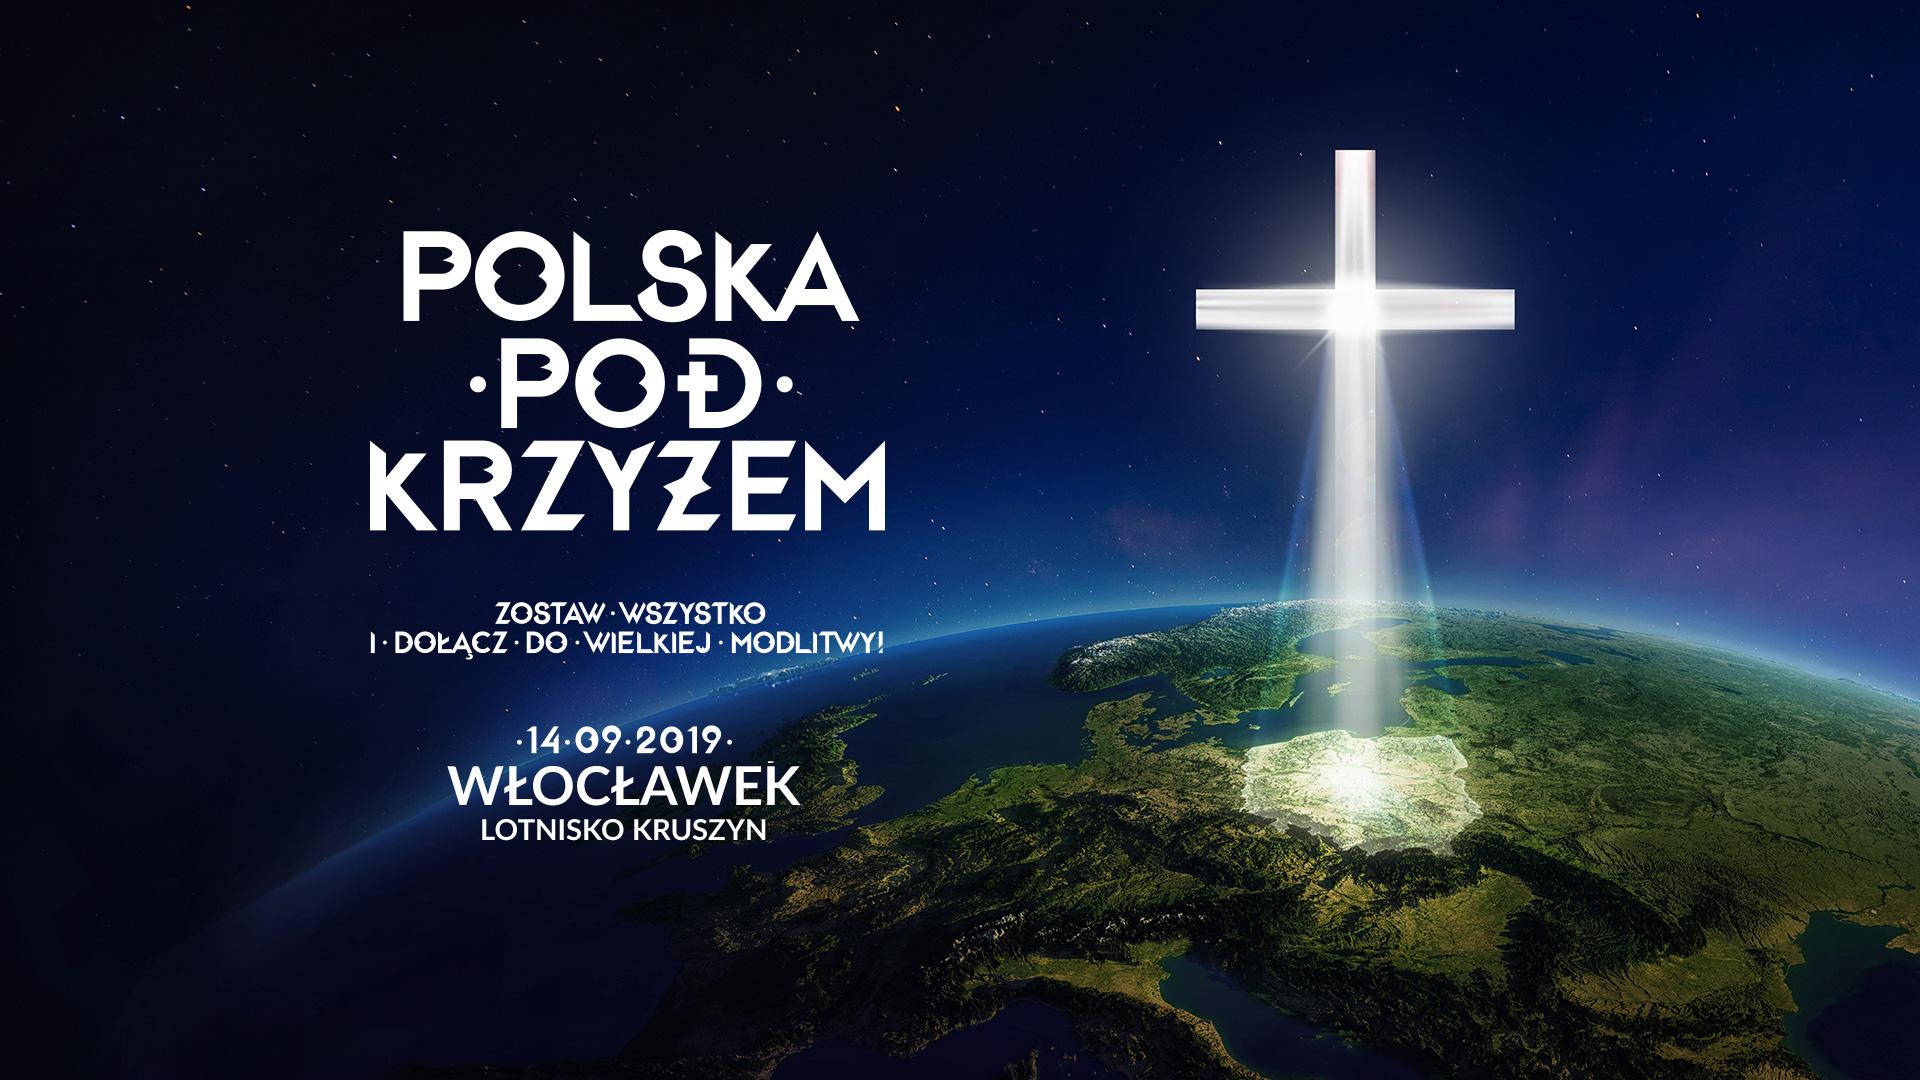 Znalezione obrazy dla zapytania polska pod krzyżem